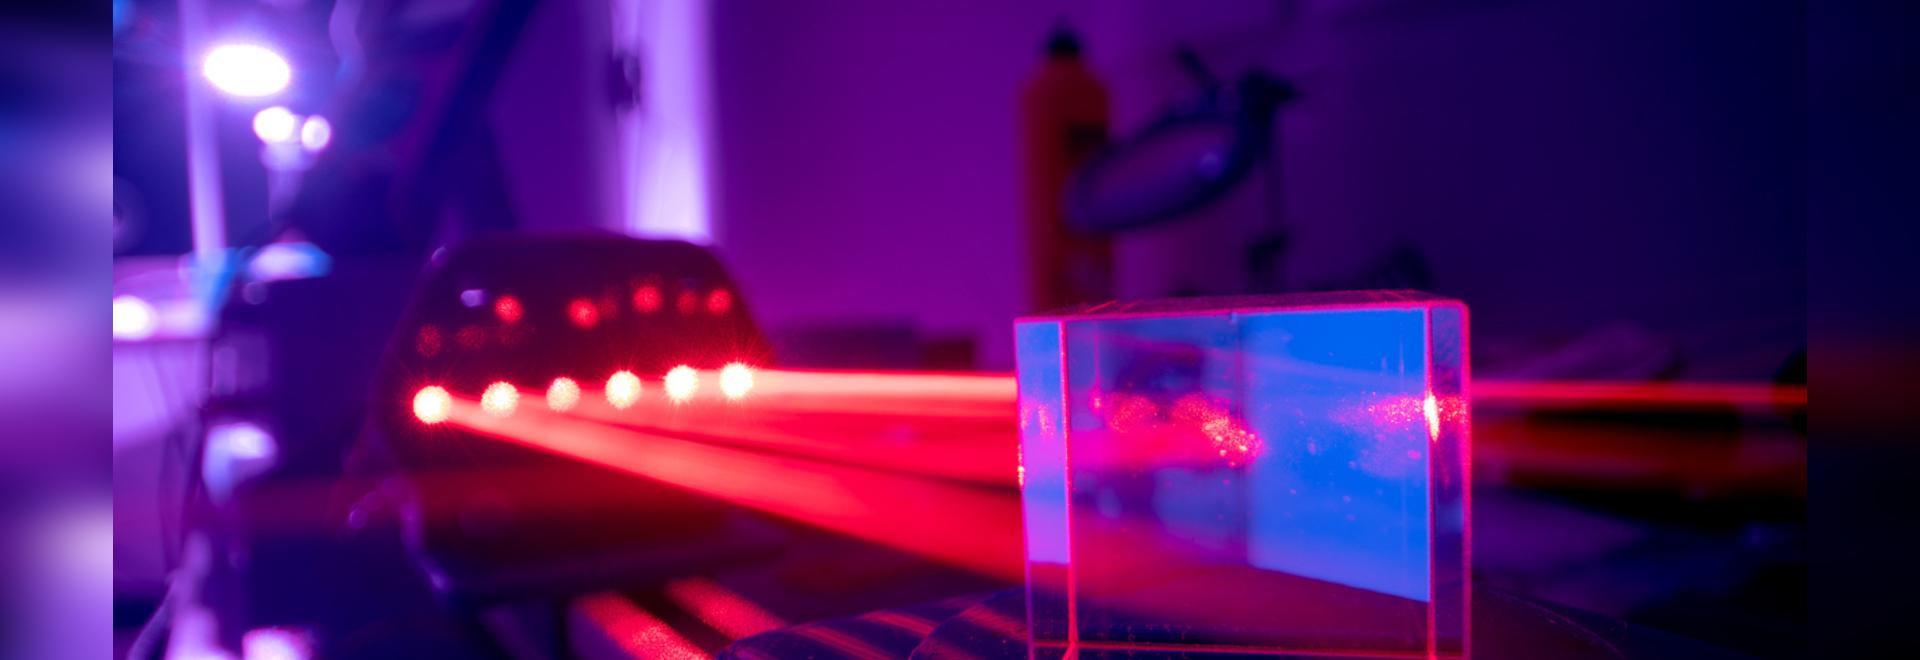 Le laser a été inventé il y a 60 ans, en 1960. À l'occasion de son 60e anniversaire, des journalistes et des experts de l'industrie racontent l'impact que la technologie laser a eu en Allemagne et ...